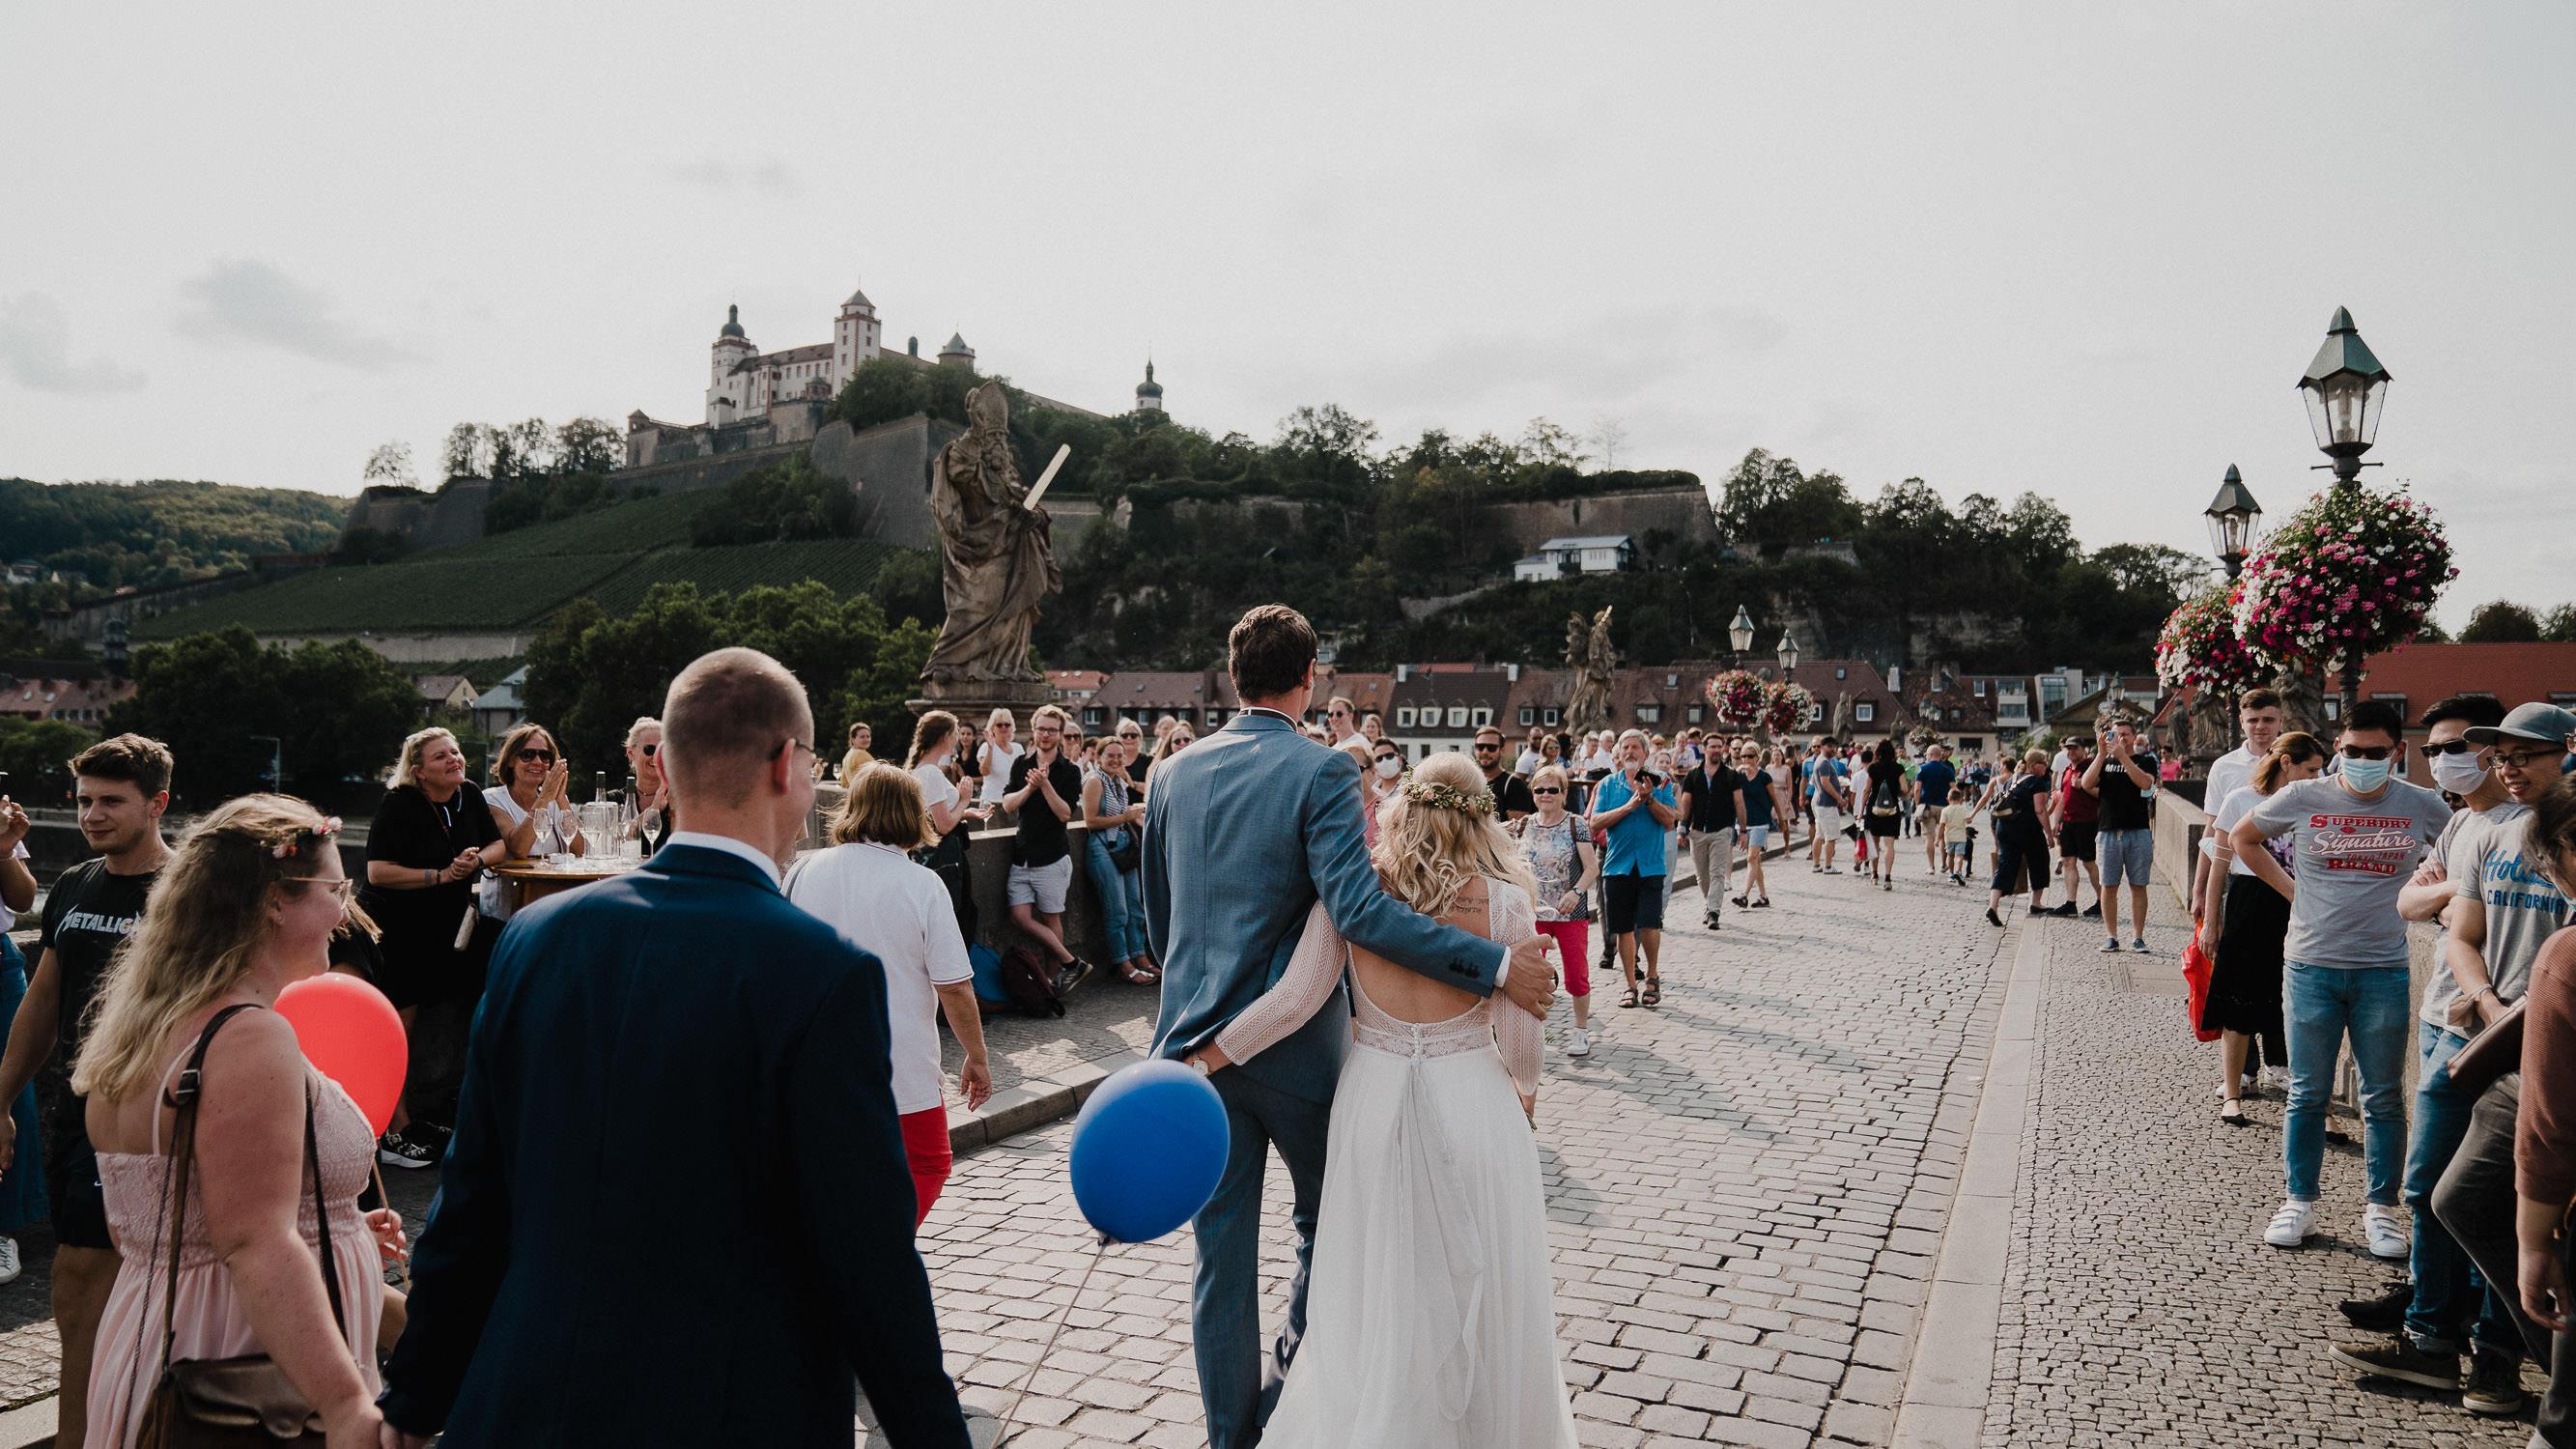 Das Brautpaar läuft über die Alte Mainbrücke in Wuerzburg. Die Festung Marienberg im Hintergrund. Fotografiert von Hochzeitsfotograf Axel Link